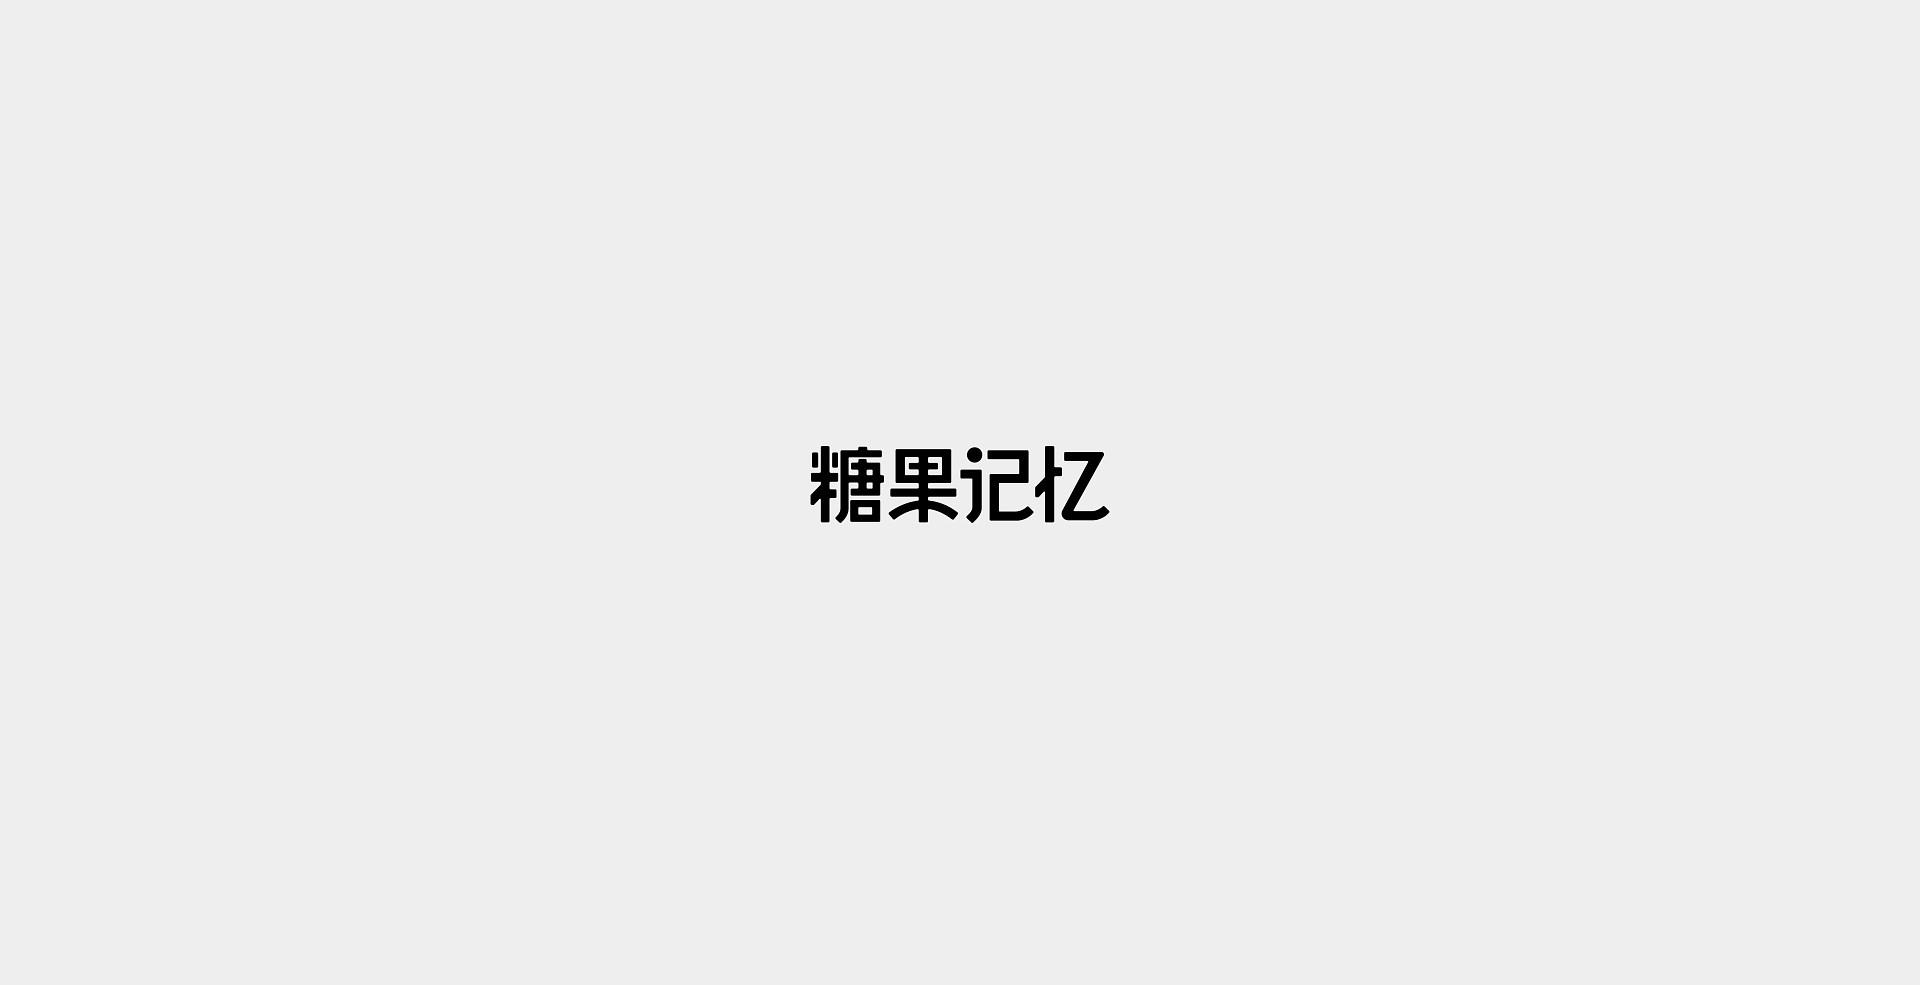 糖果记忆最终方案失量-16.jpg